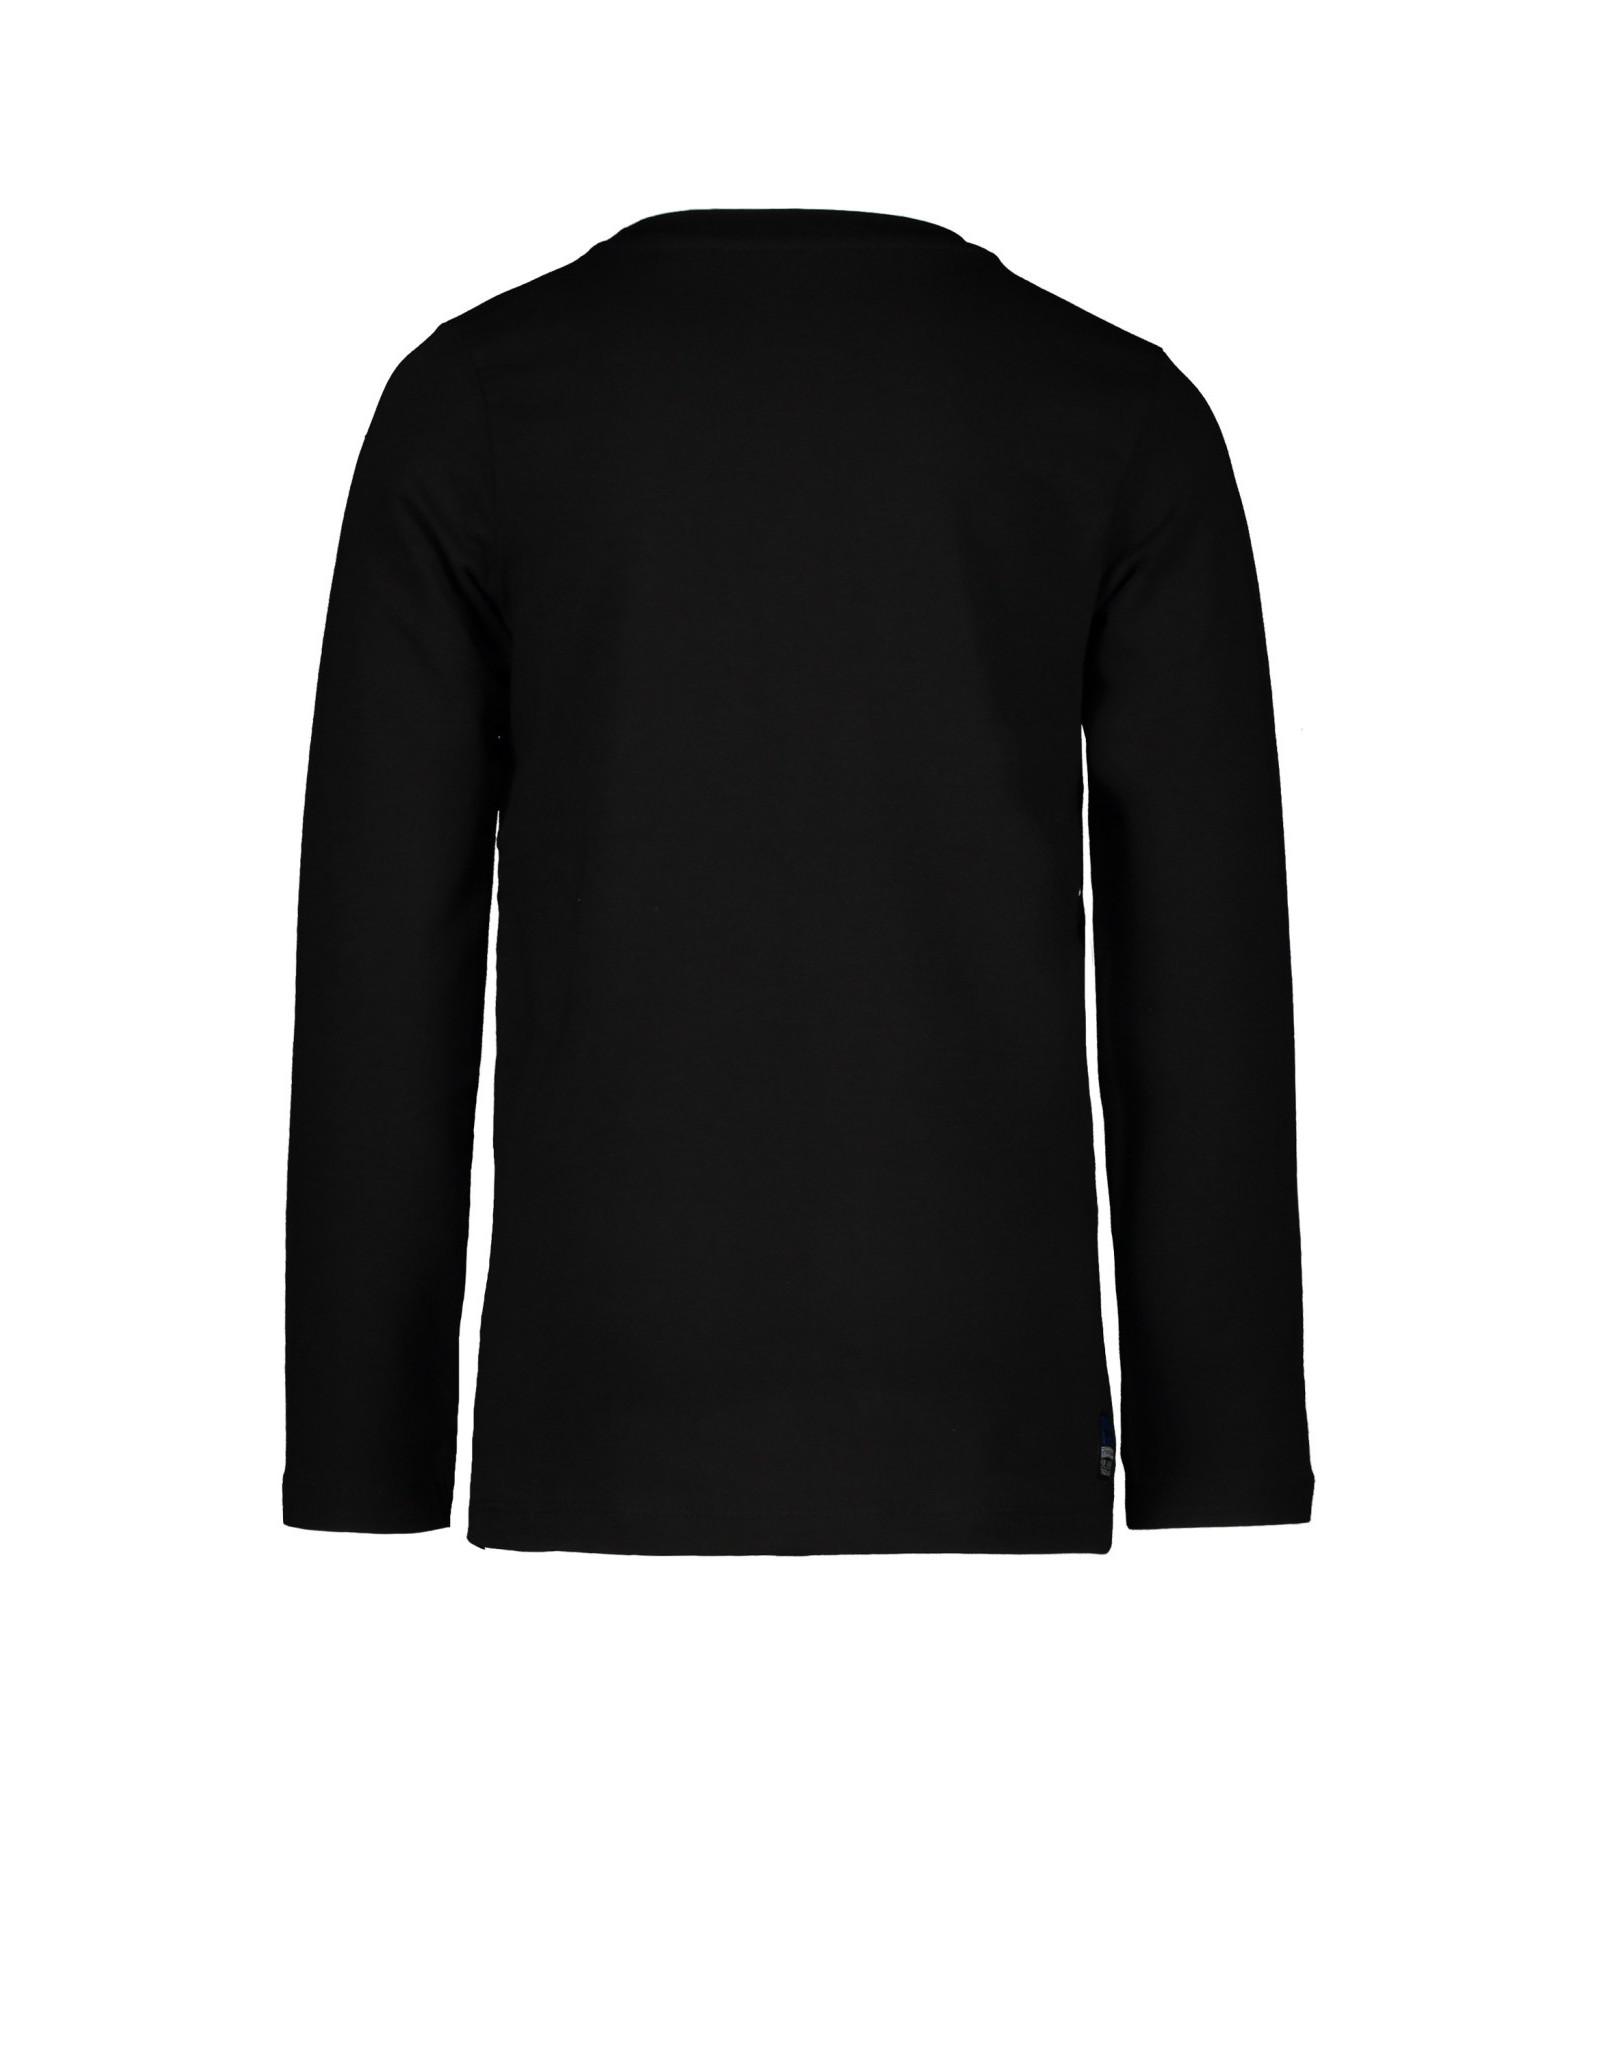 TYGO & vito TYGO & vito jongens shirt Glow in the Dark  Black